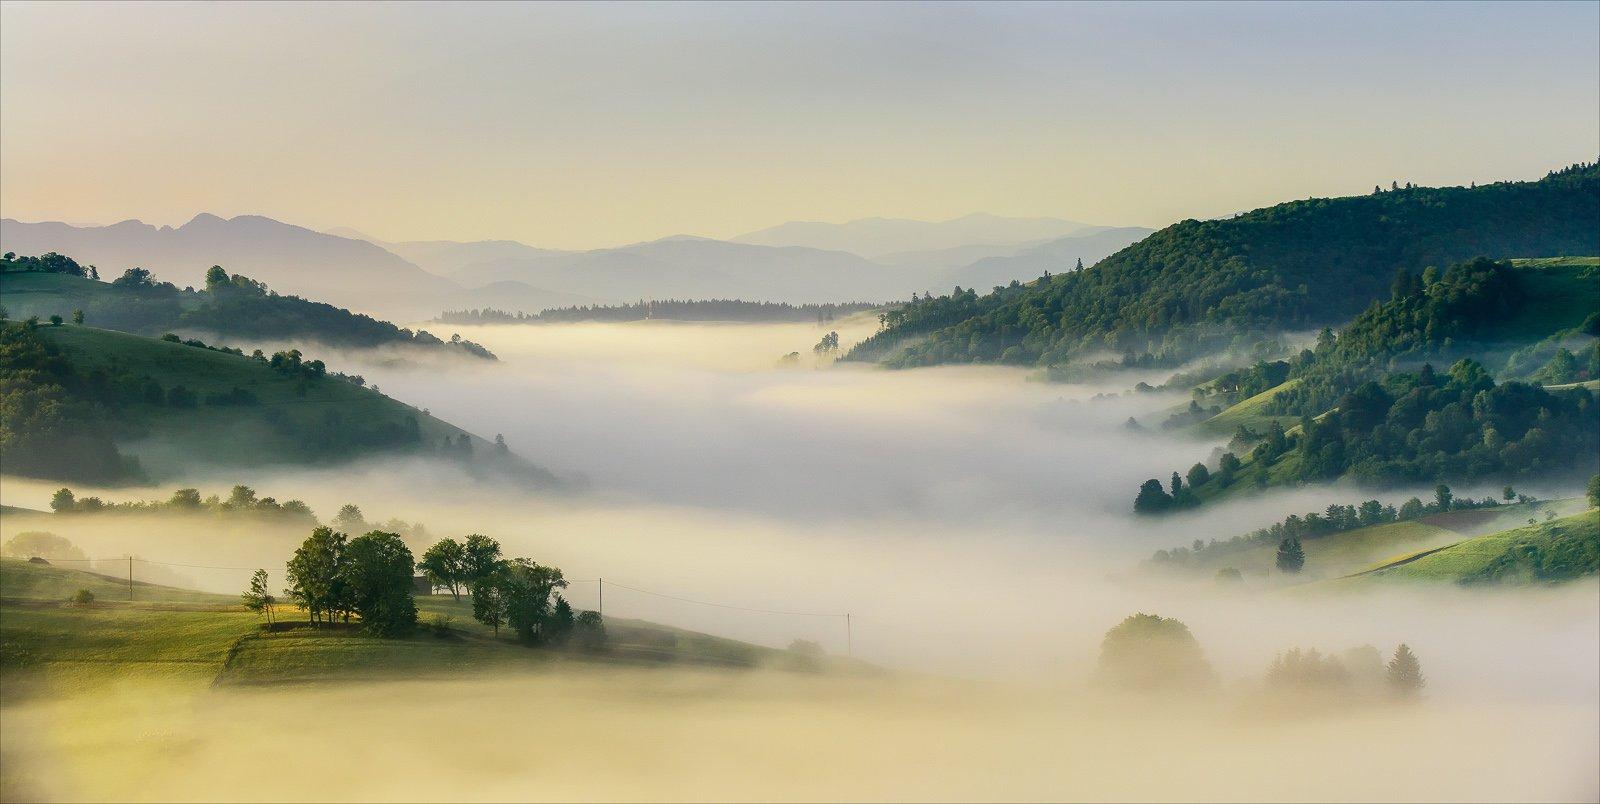 Clouds, Fog, Landscape, Nature, River, Romania, Sunrise, Transilvania, Ioan Chiriac